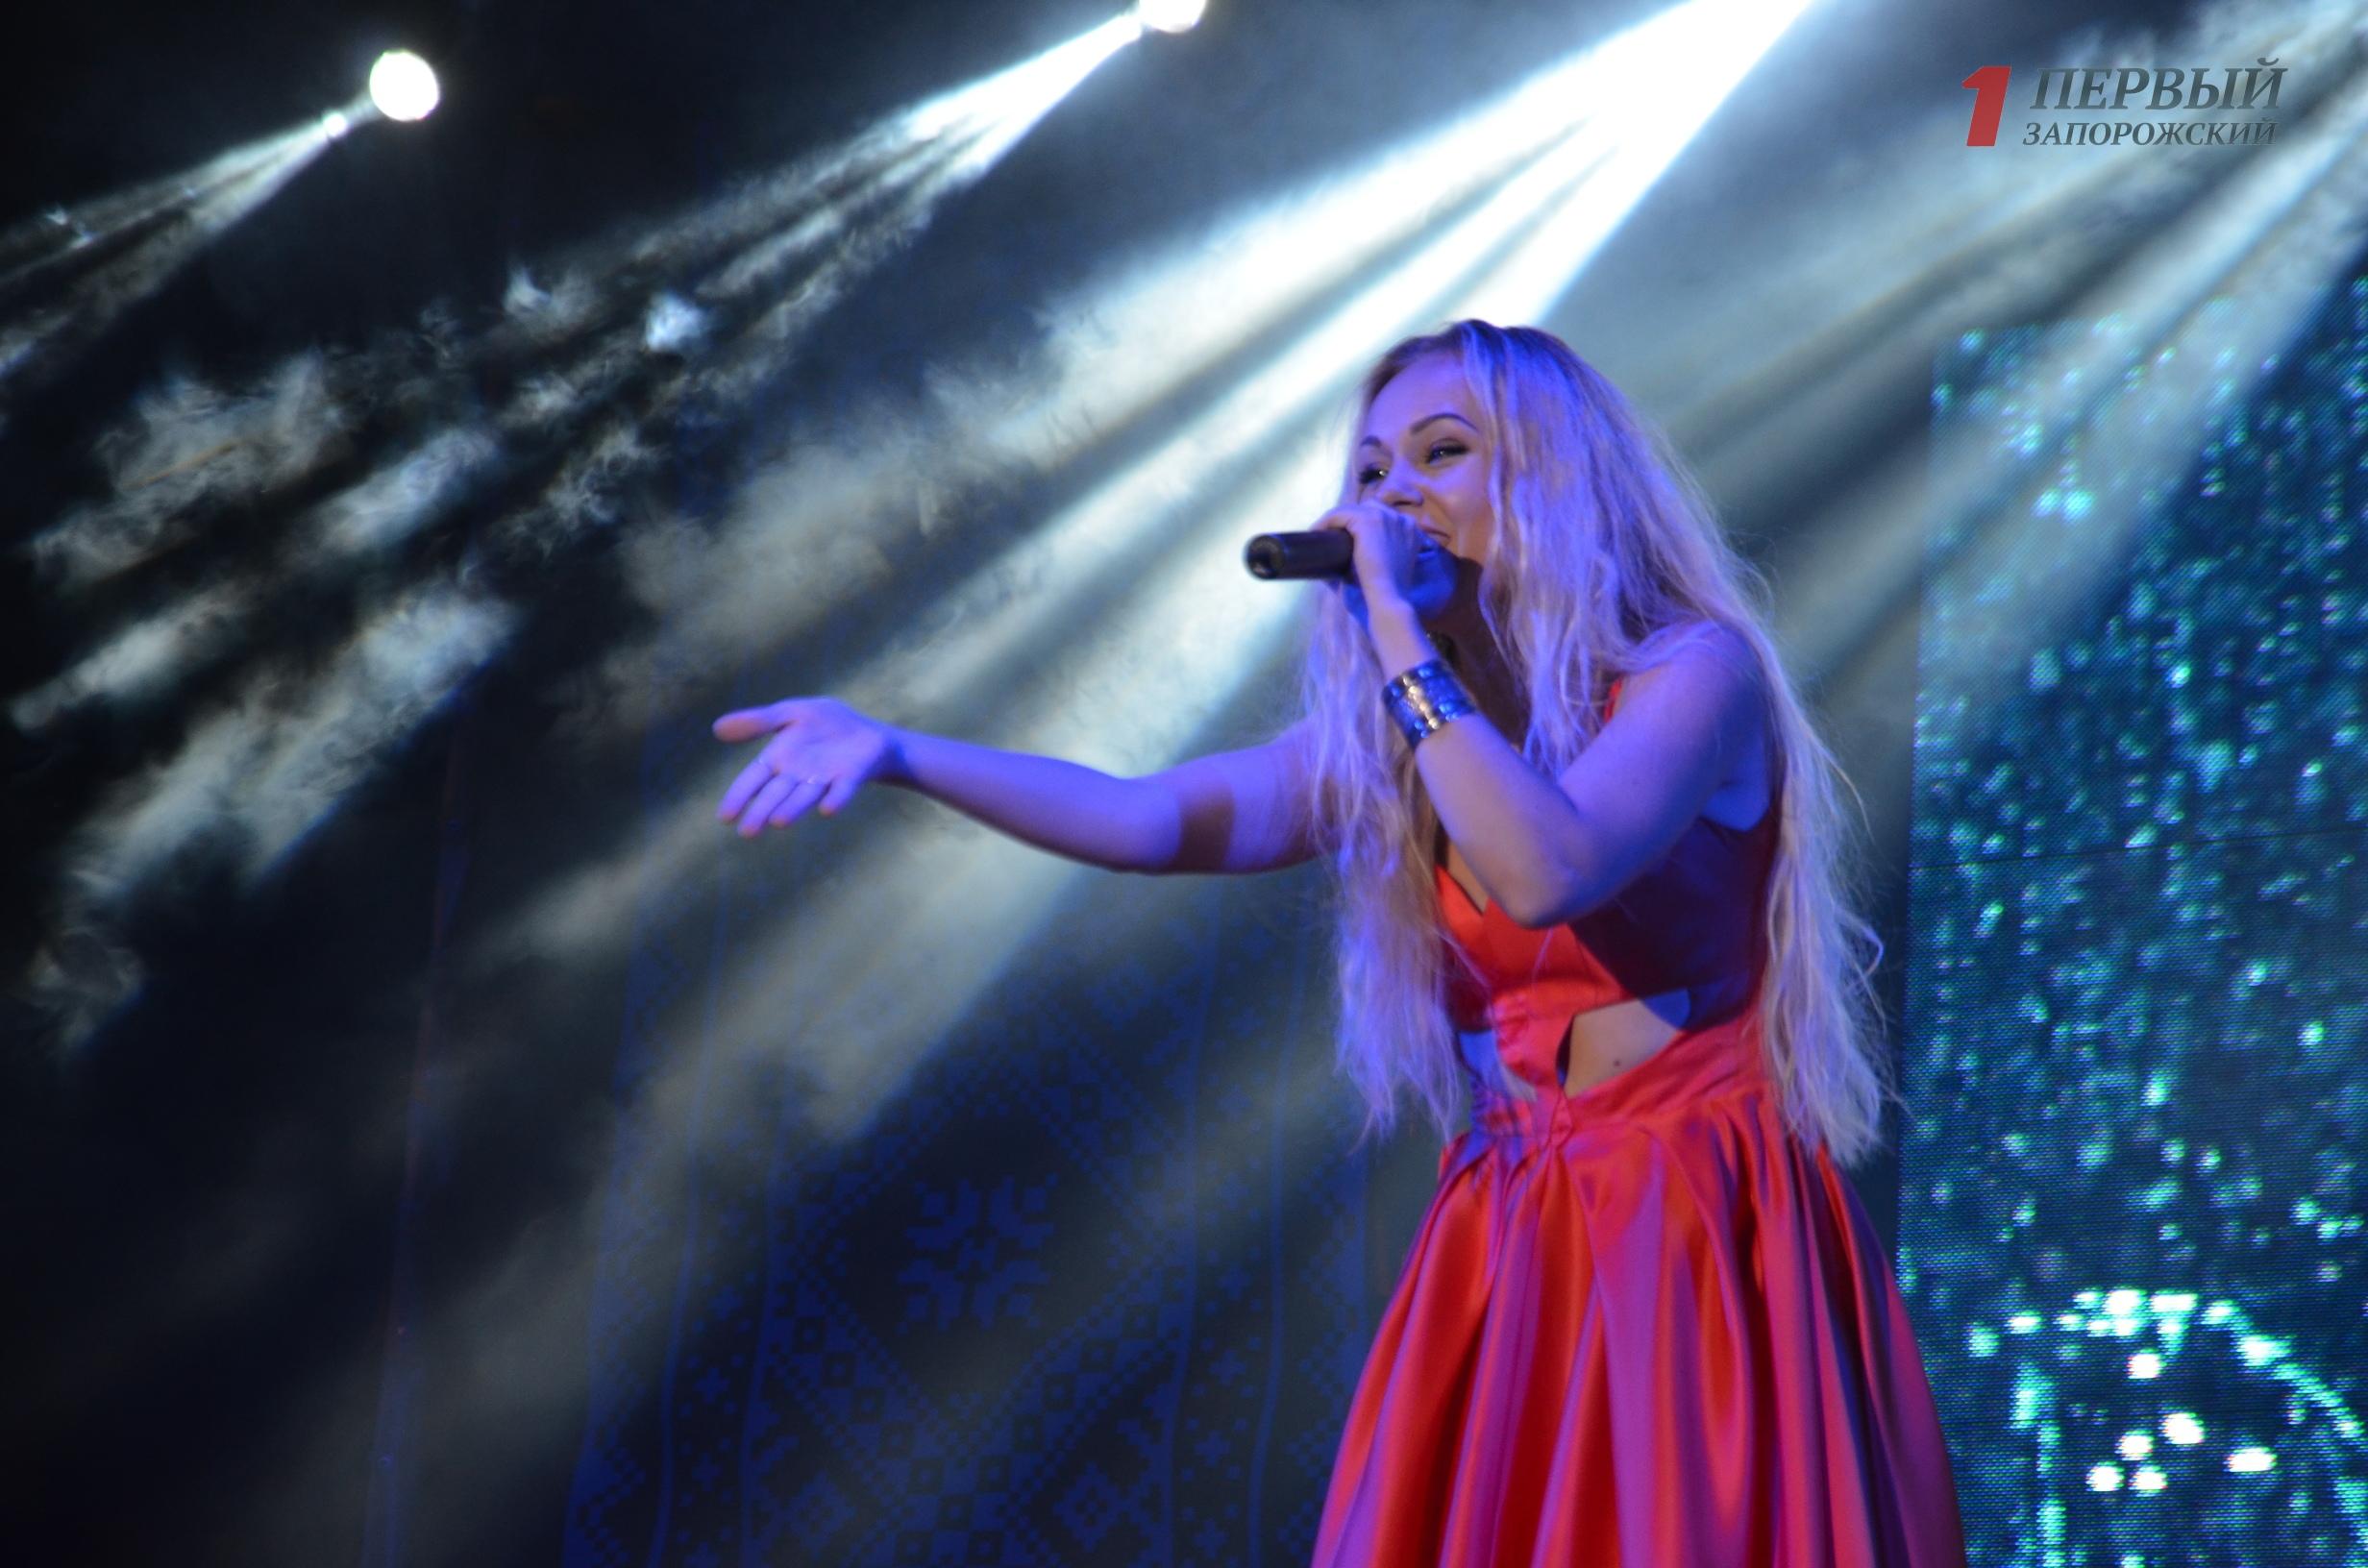 Как запорожцы отпраздновали День Независимости в компании певицы Alyosha и группы ТИК – ФОТО, ВИДЕО